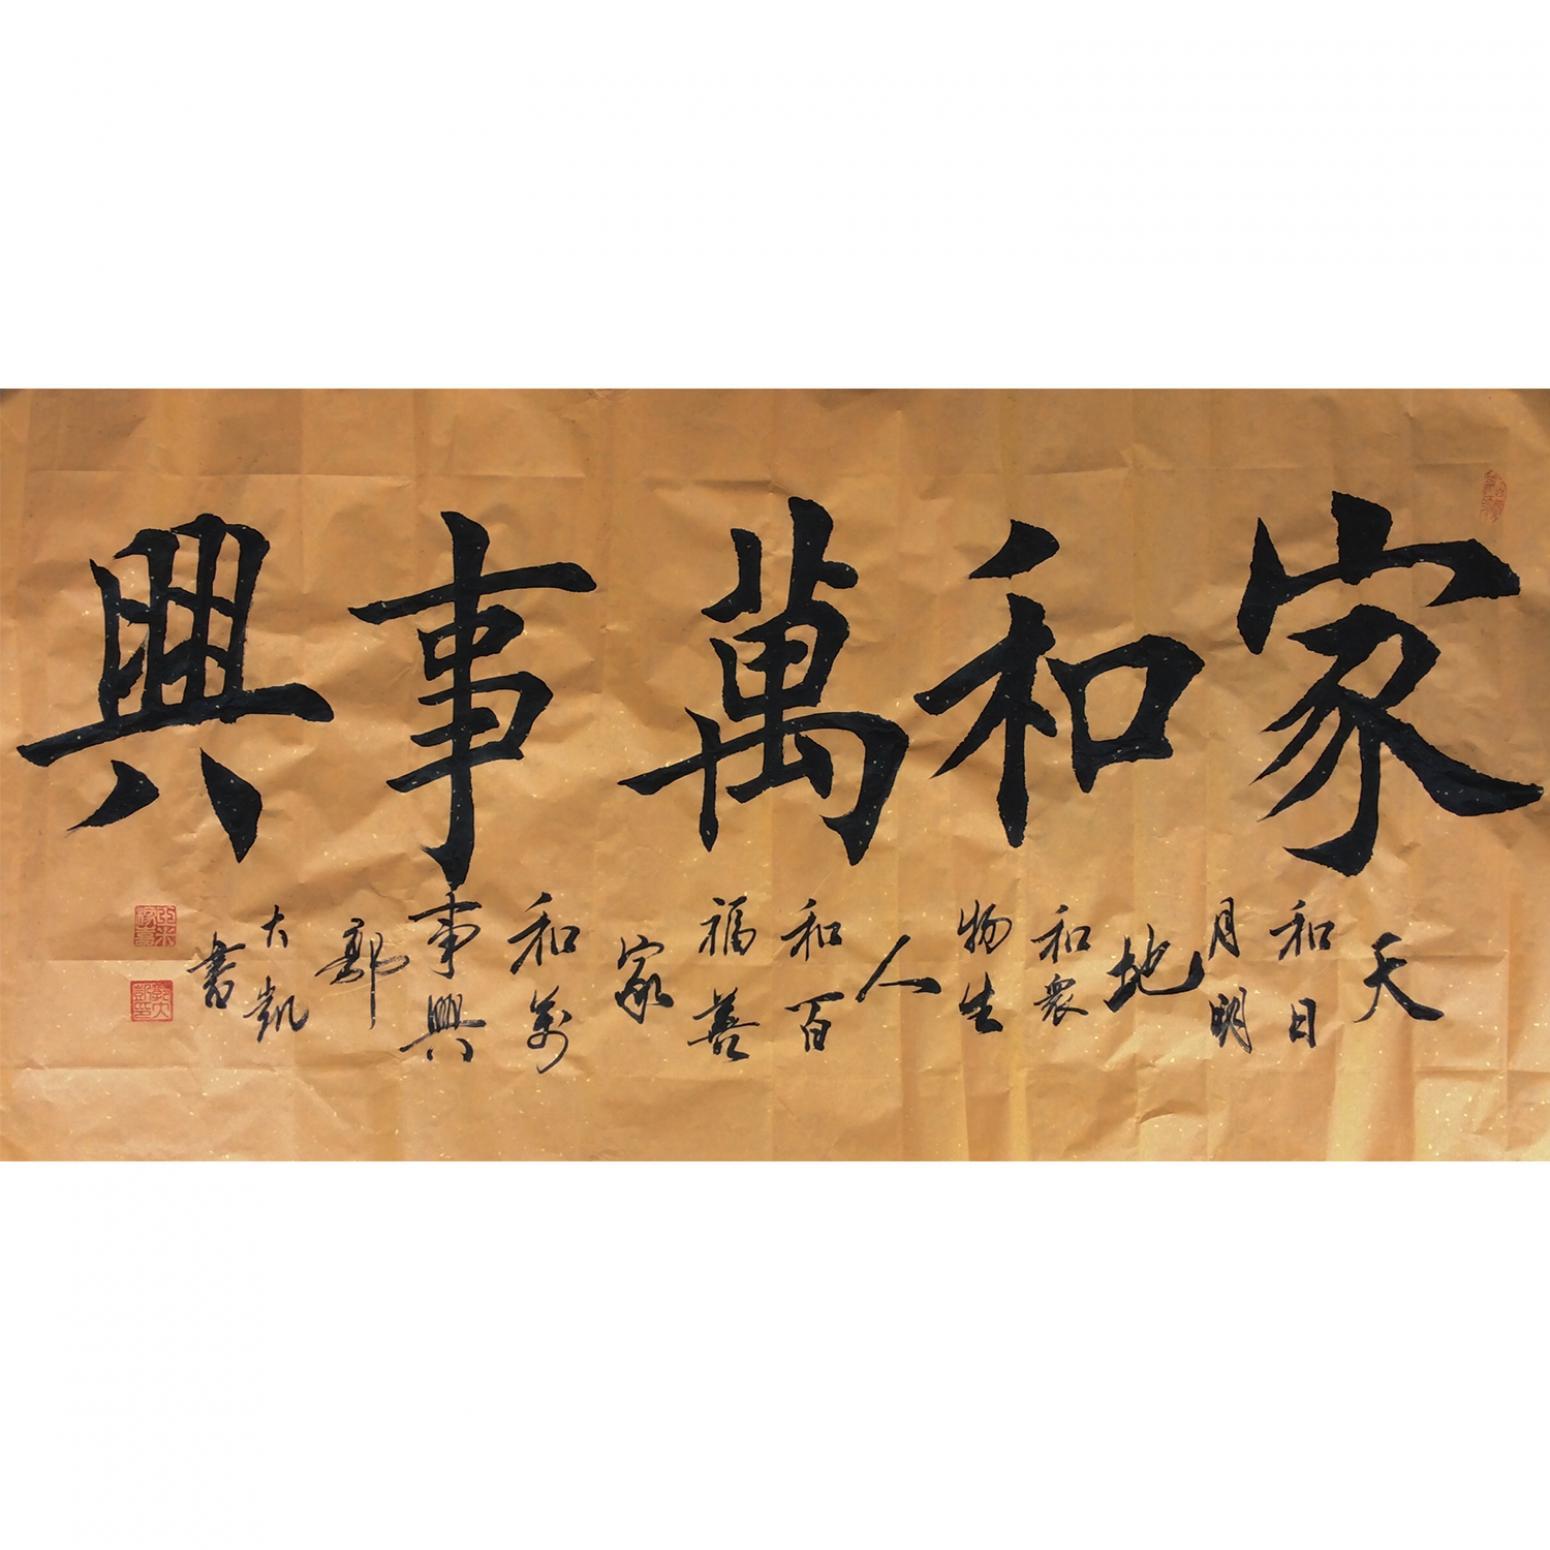 郭大凯书法作品《【家和万事兴】作者郭大凯  可定制》